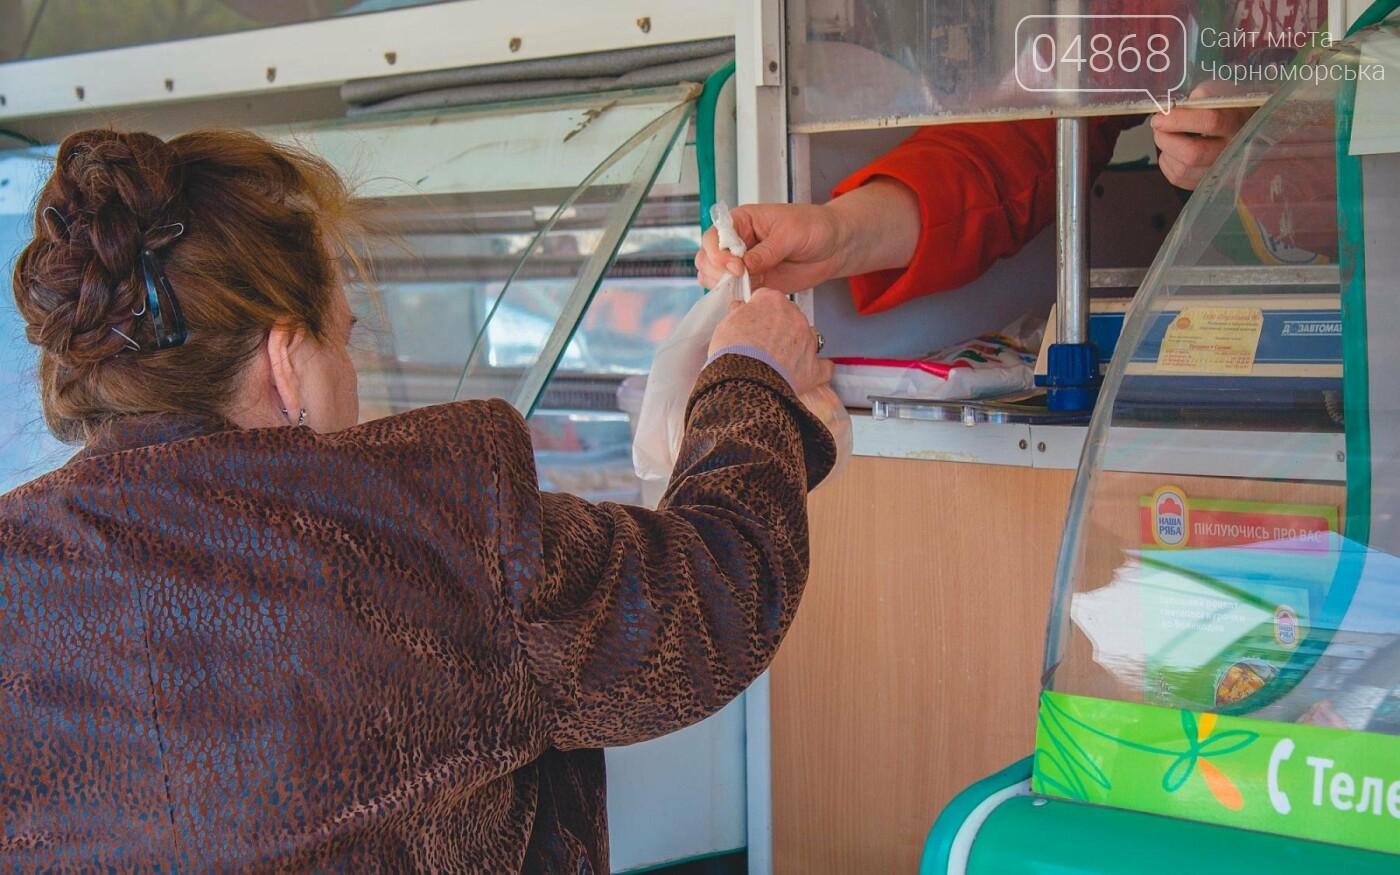 Подопечные Черноморского терцентра бесплатно получают мясную продукцию, фото-5